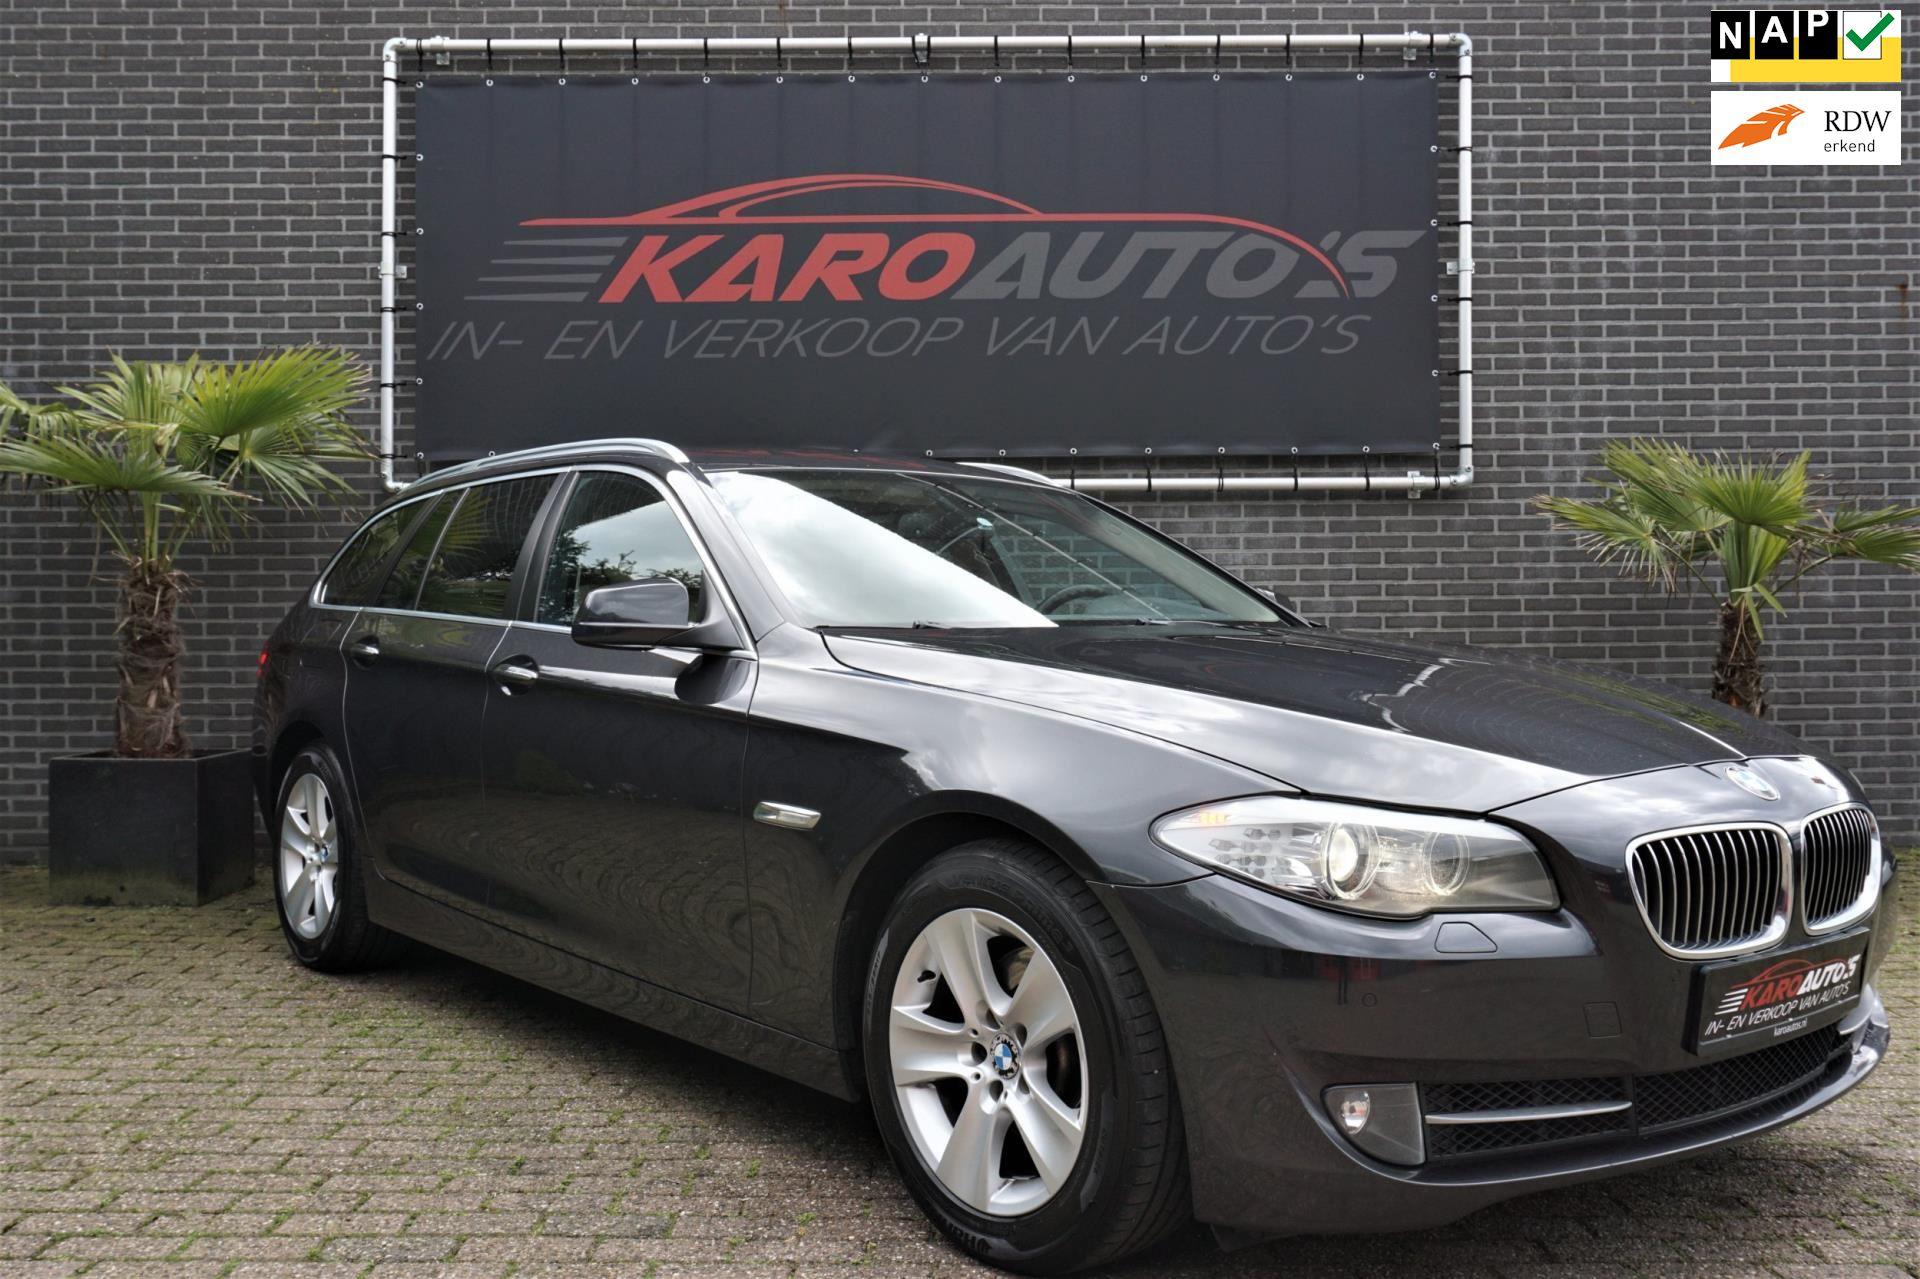 BMW 5-serie Touring occasion - KARO Auto's